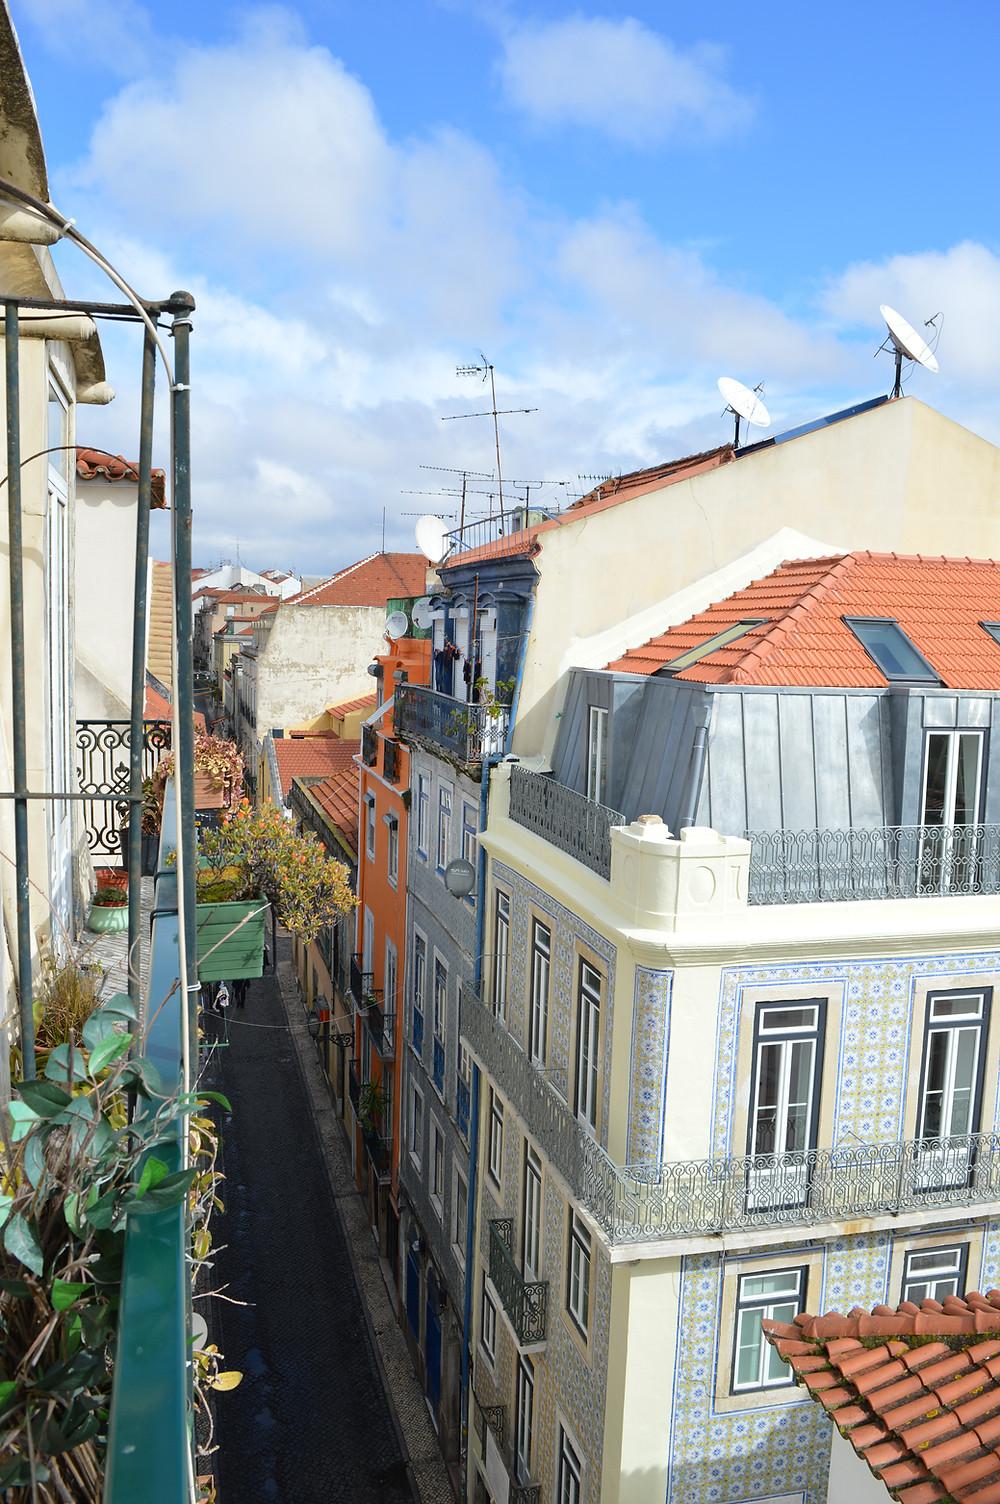 Lissabon Bairro Alto